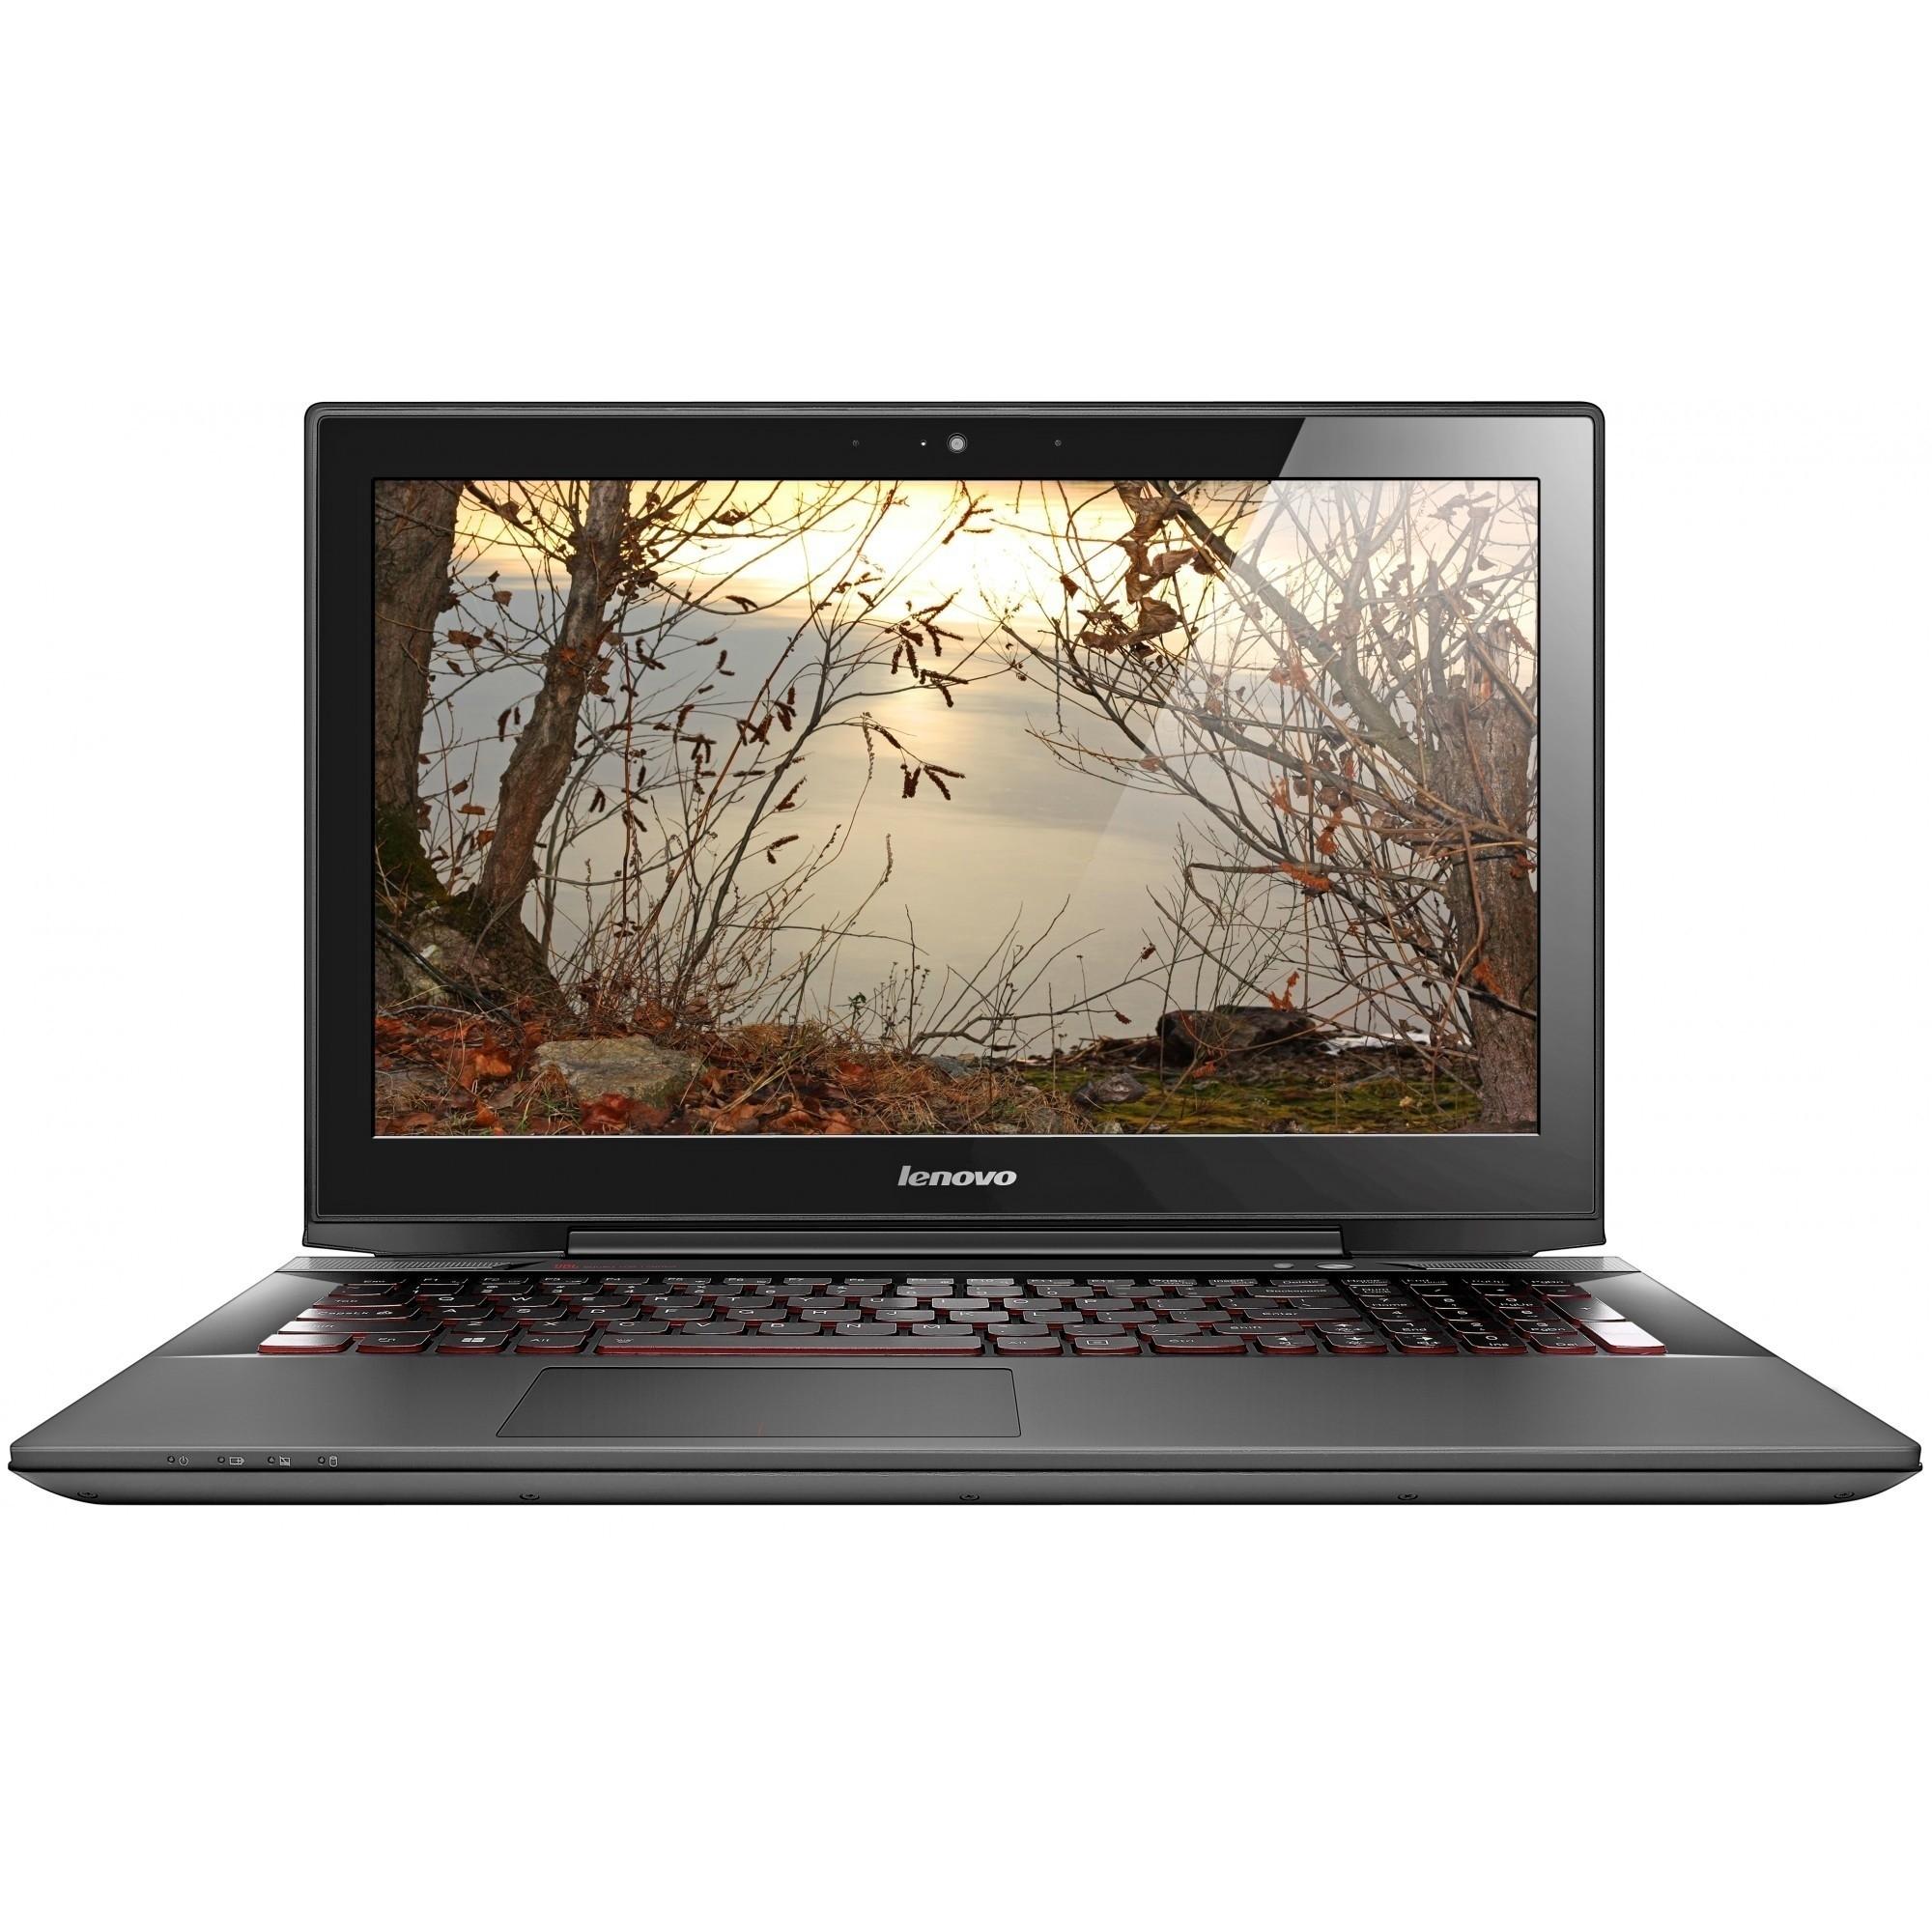 фото Lenovo IdeaPad Y50–70